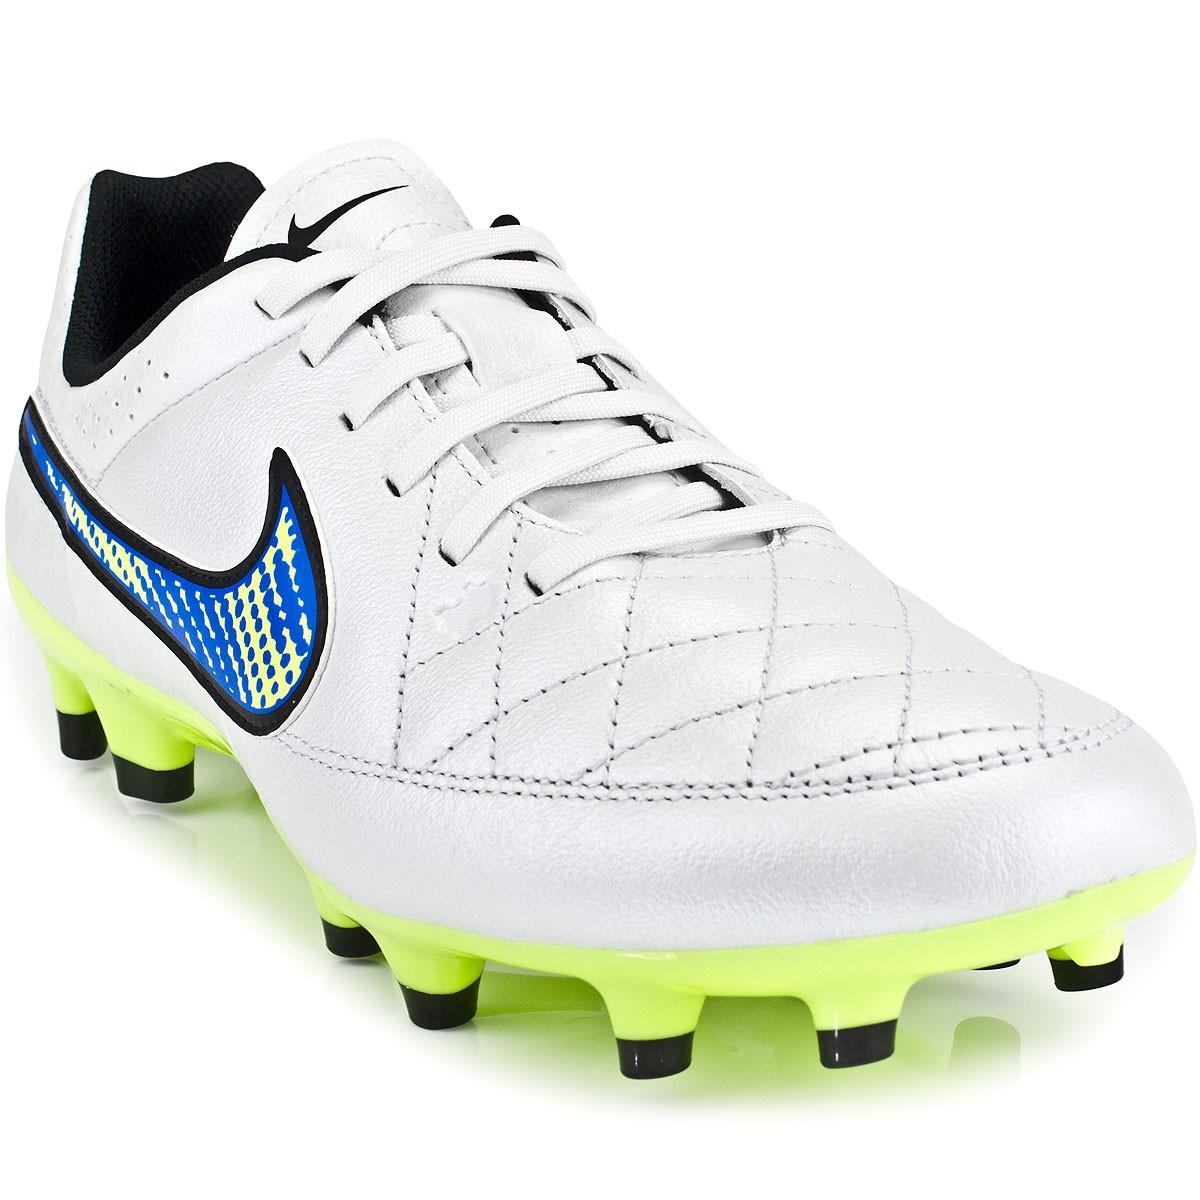 Chuteira Nike Tiempo Genio Leather FG 631282  9a39b49e5d95e